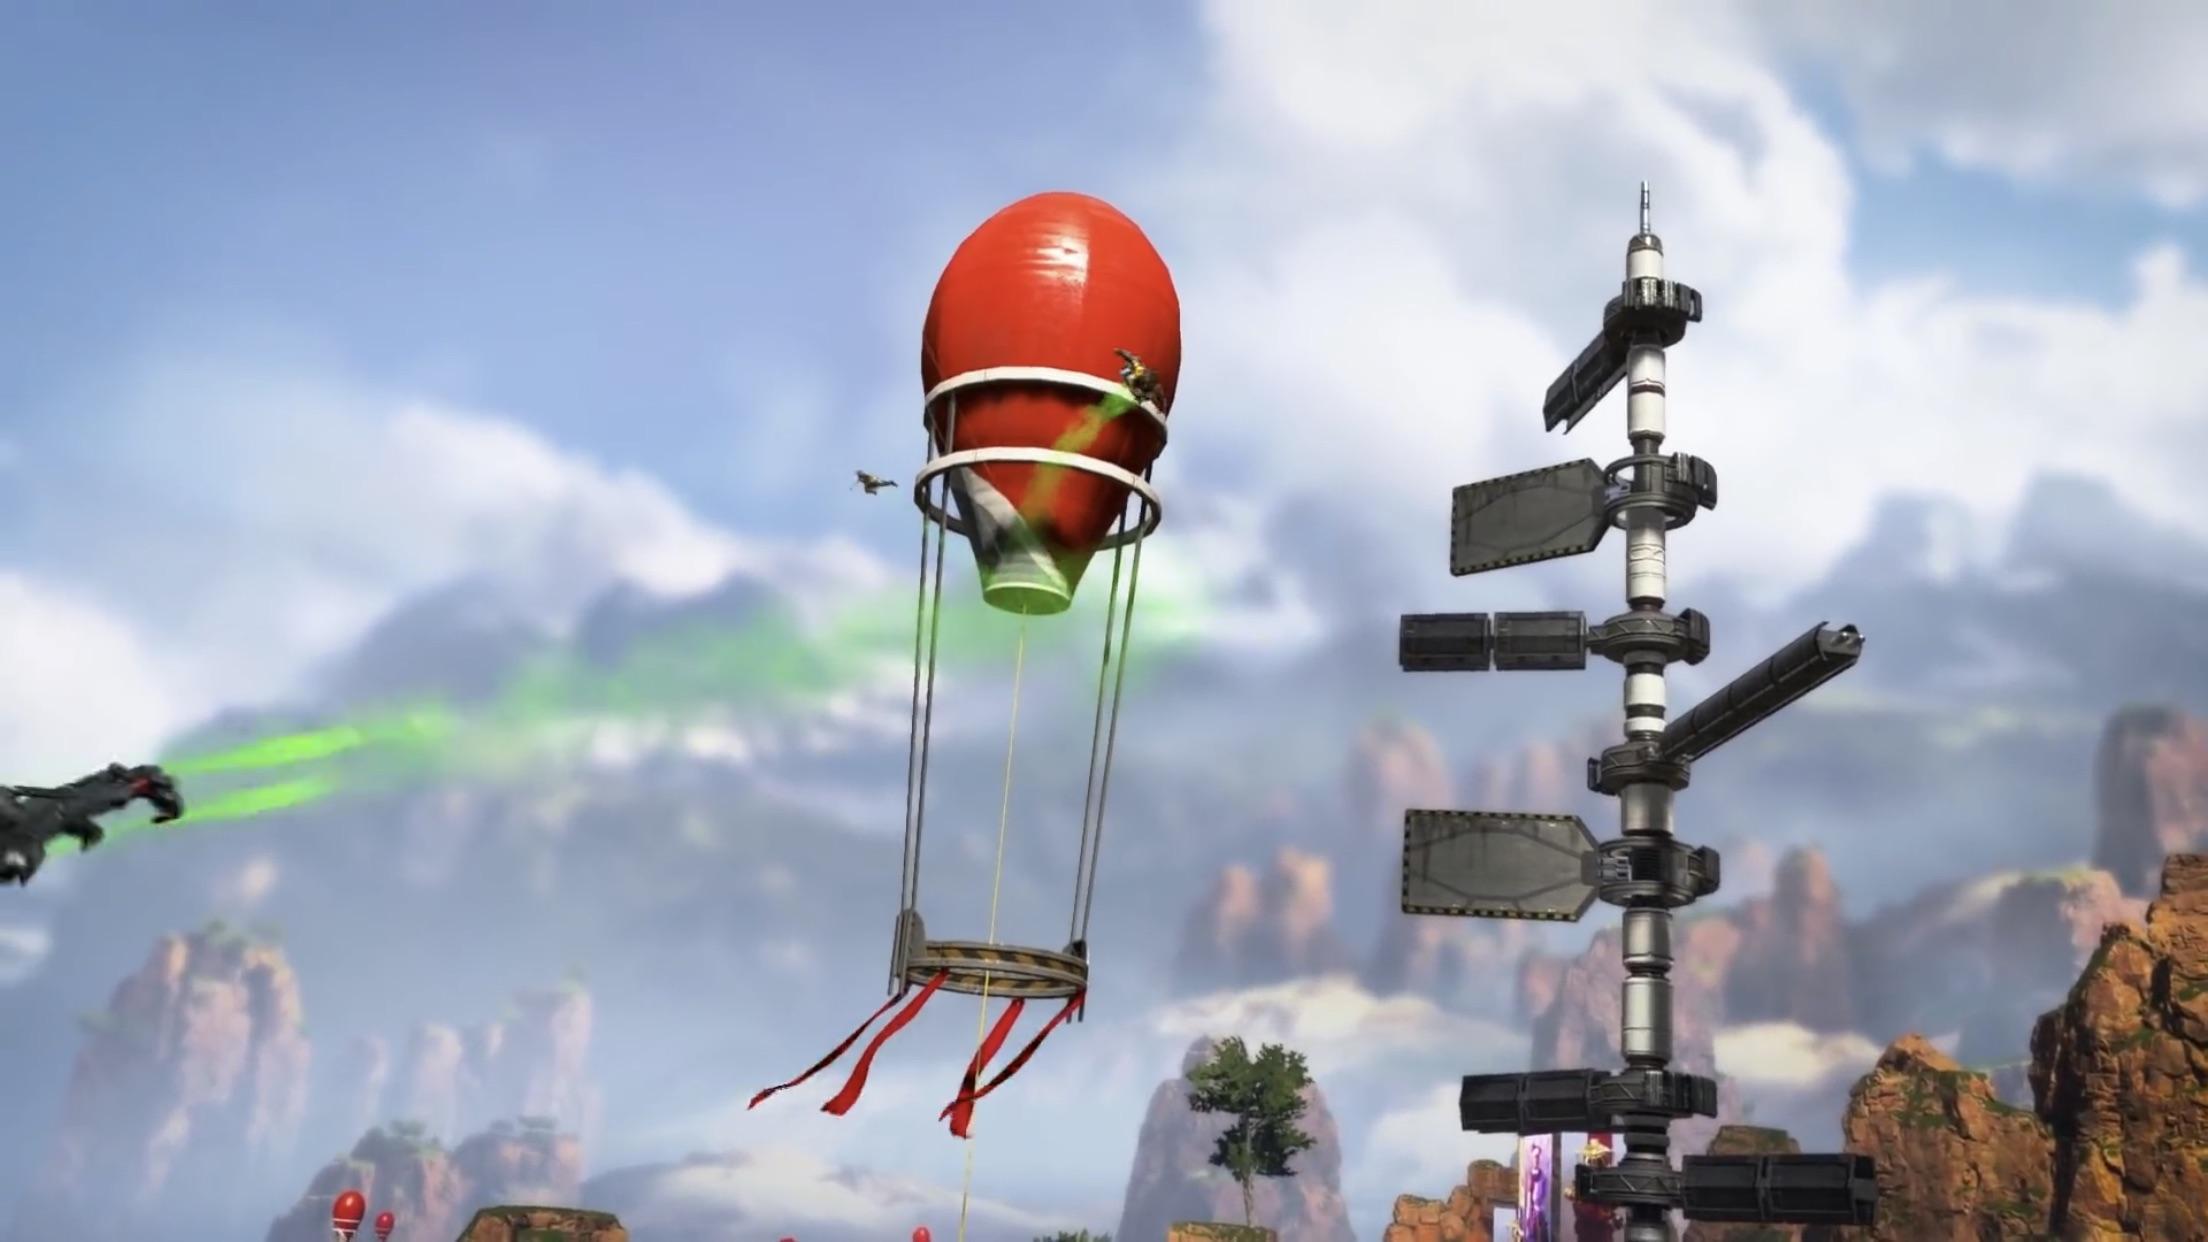 【APEX】ワールズエッジにある「ジャンプタワー」で飛べる範囲をまとめた画像がコチラ!